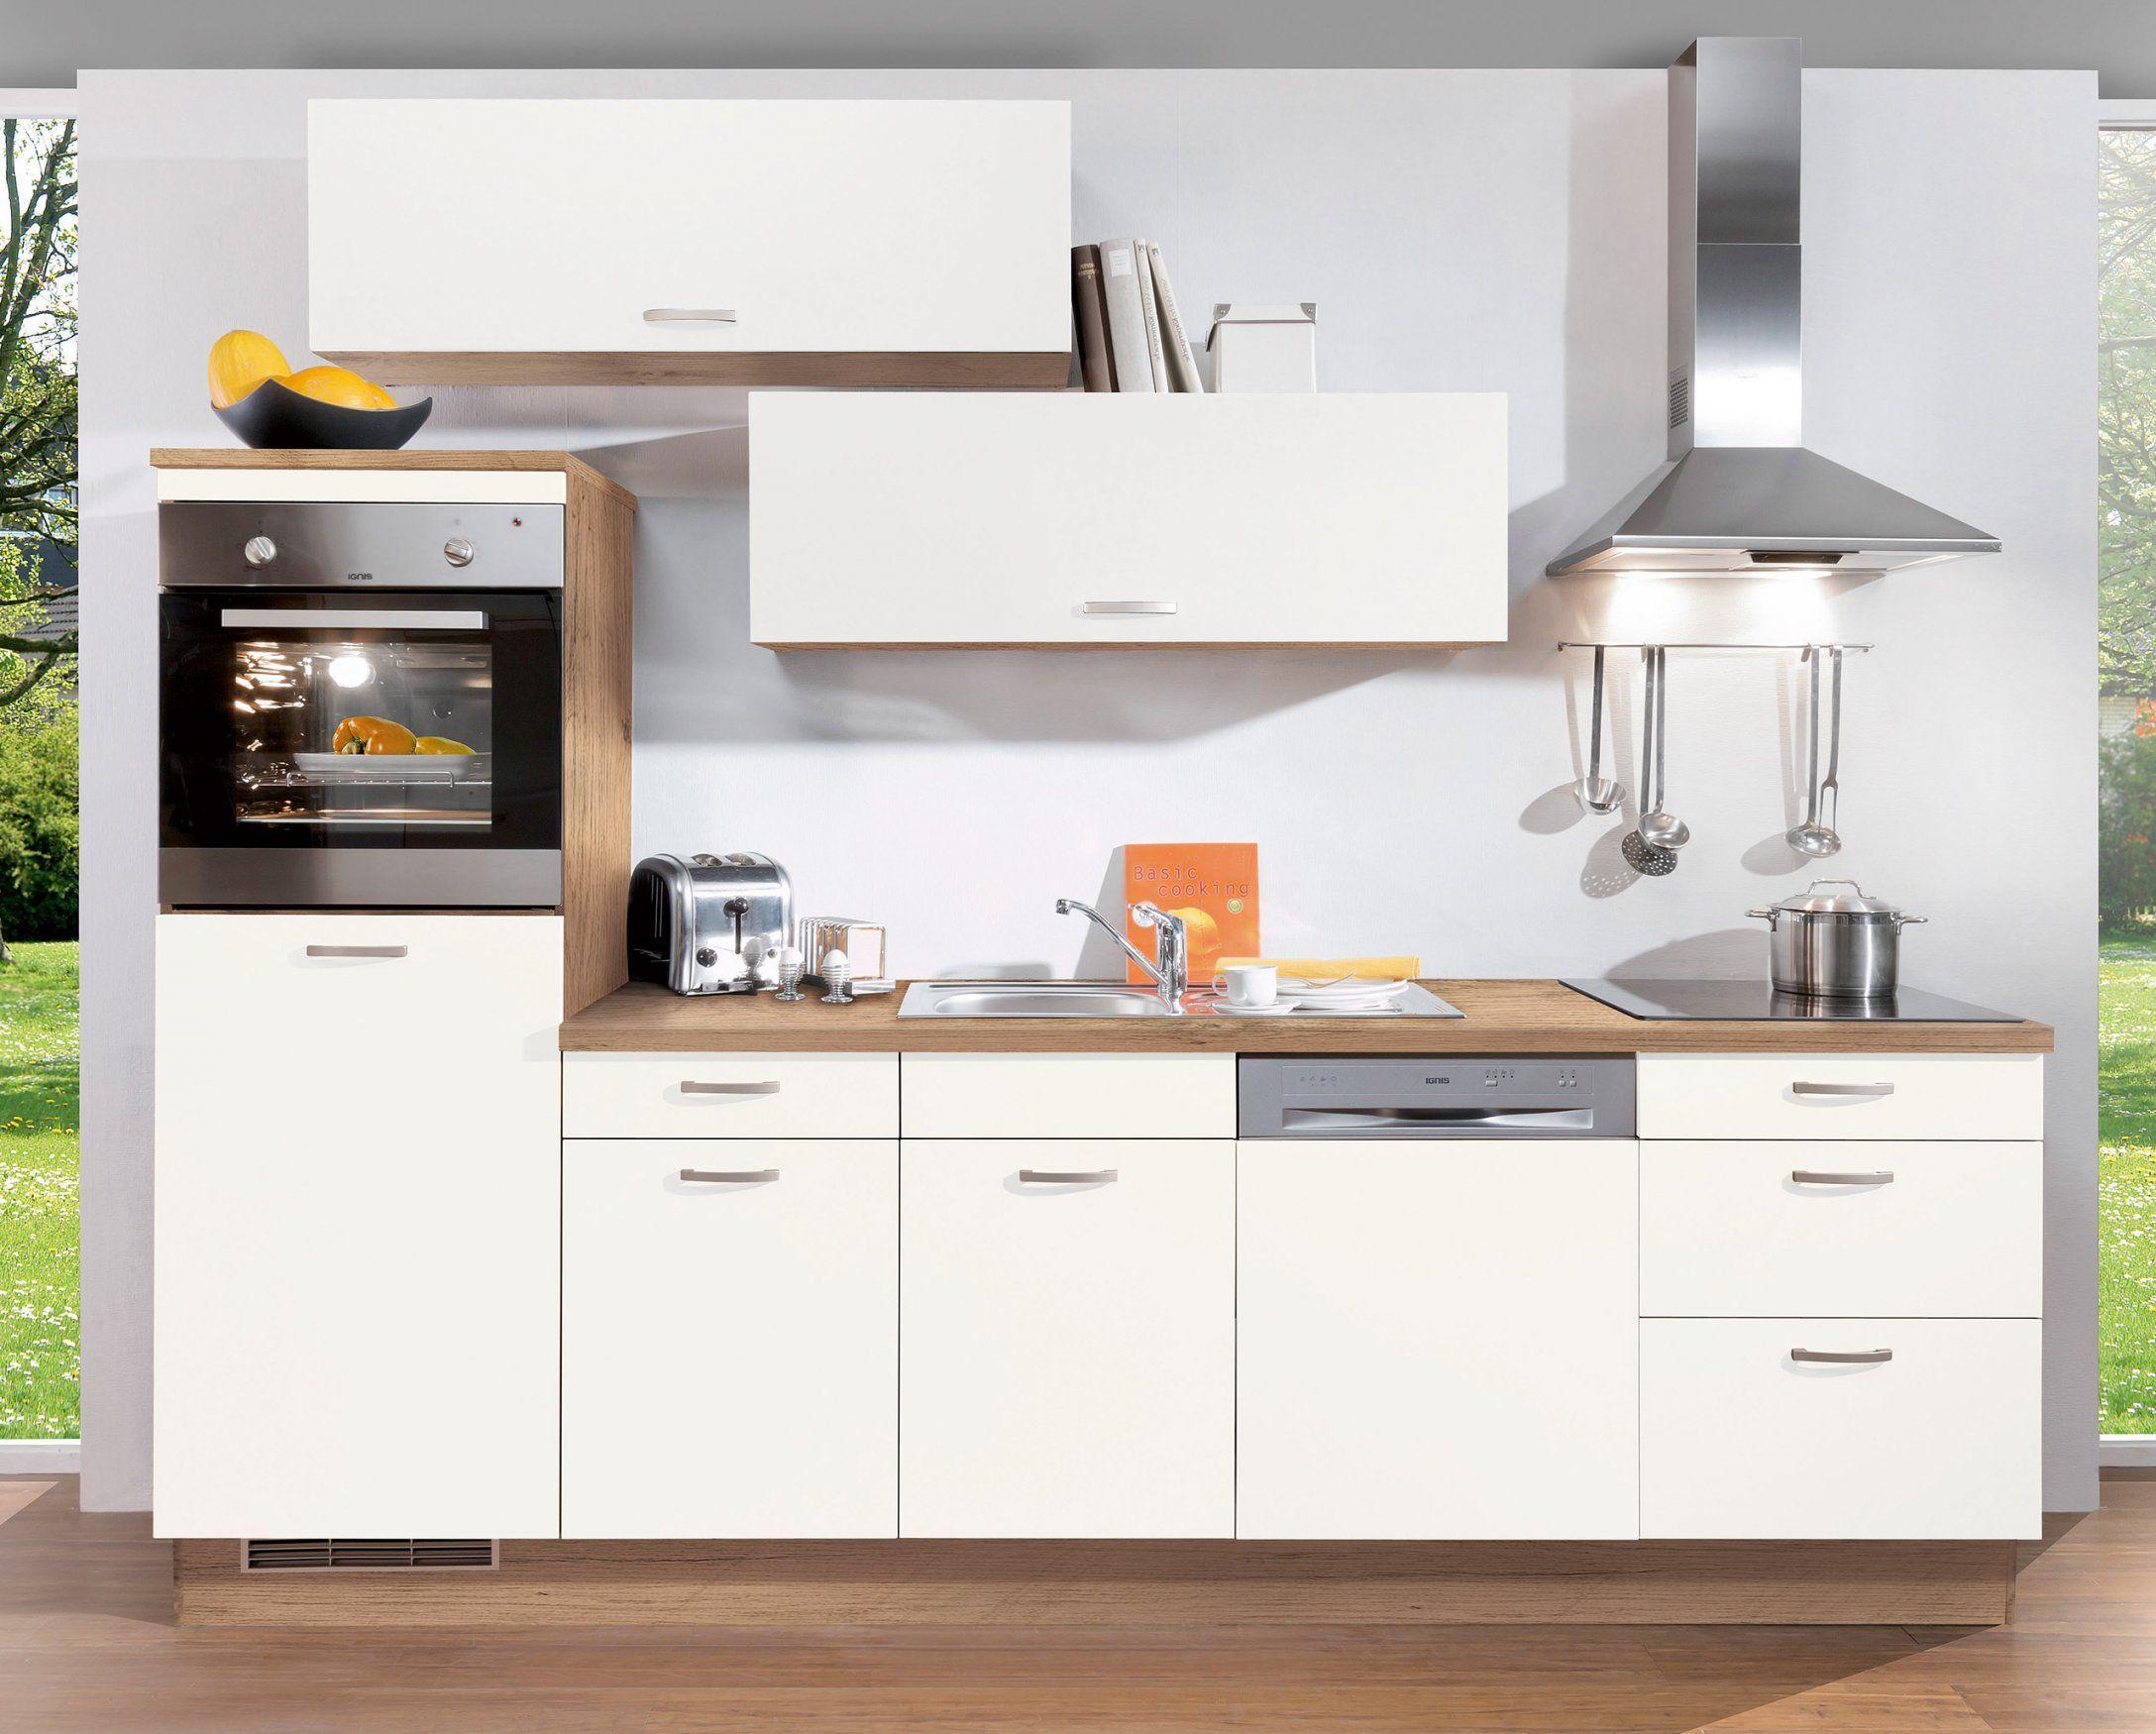 Kuchenzeile 280 Cm Mit Elektrogeraten Gunstig Unterschrank Kuche Kuche Luxus Kuchen Mobel